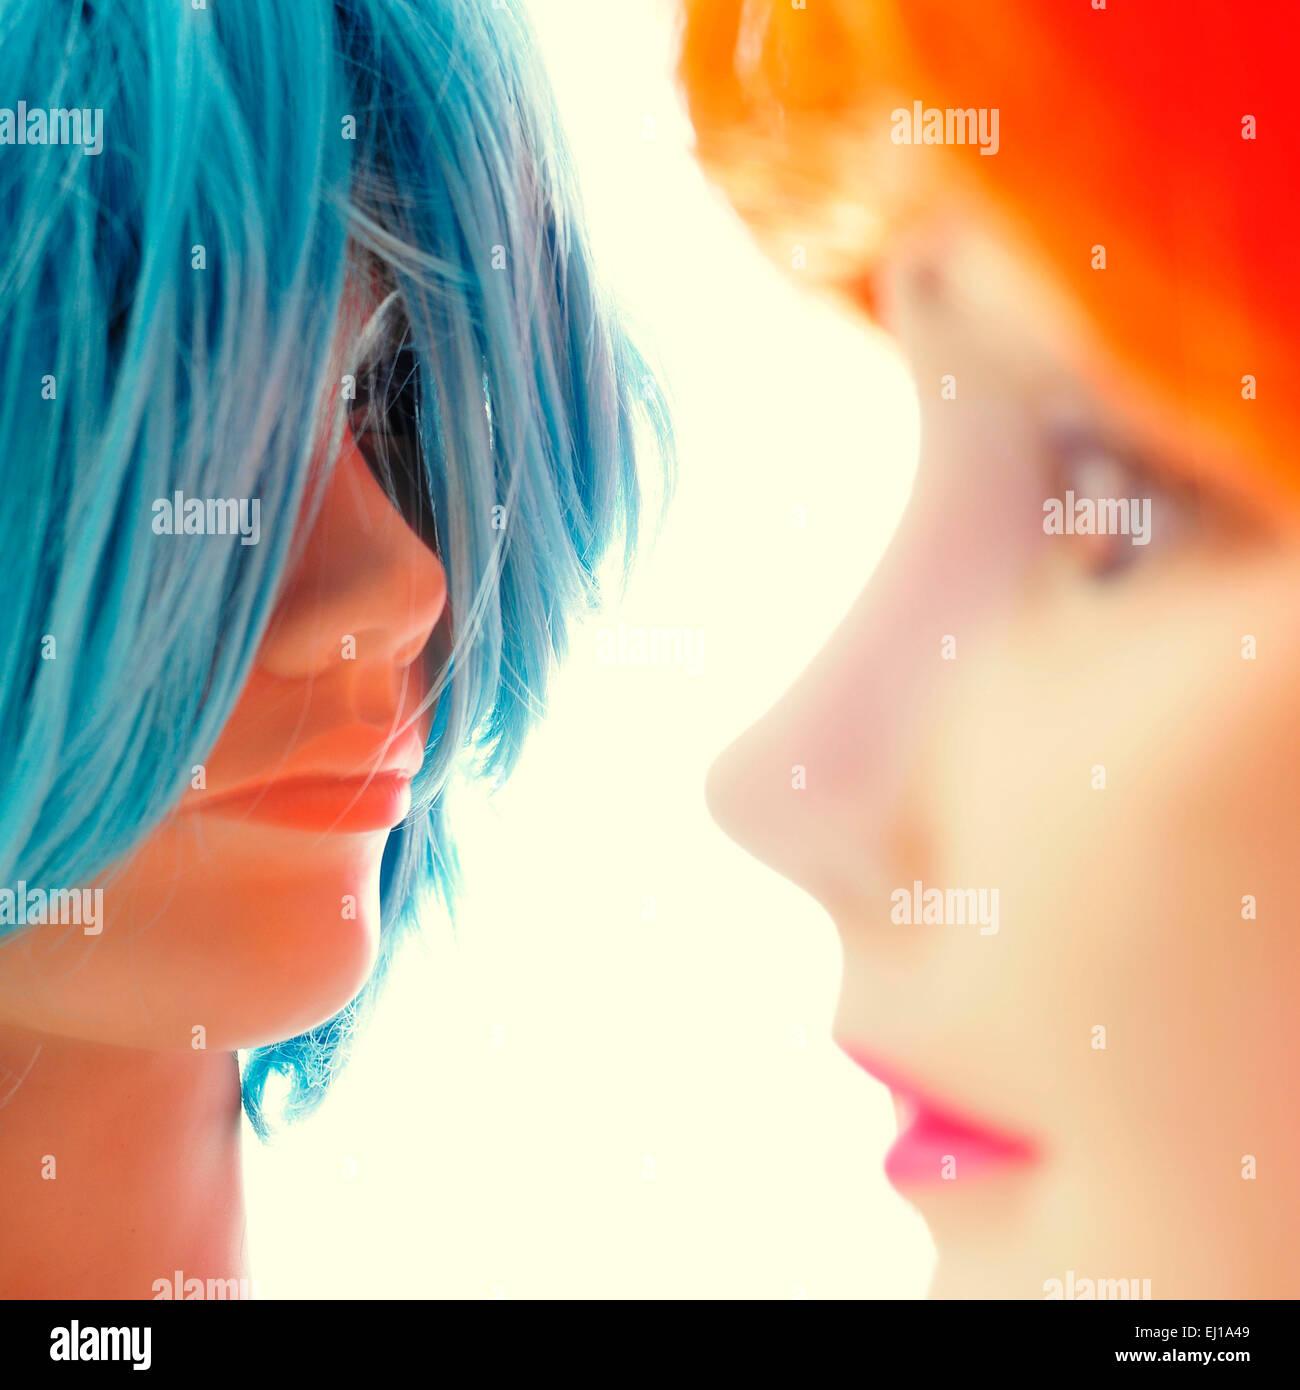 Libre de certaines perruques de couleurs différentes sur les têtes des mannequins Photo Stock